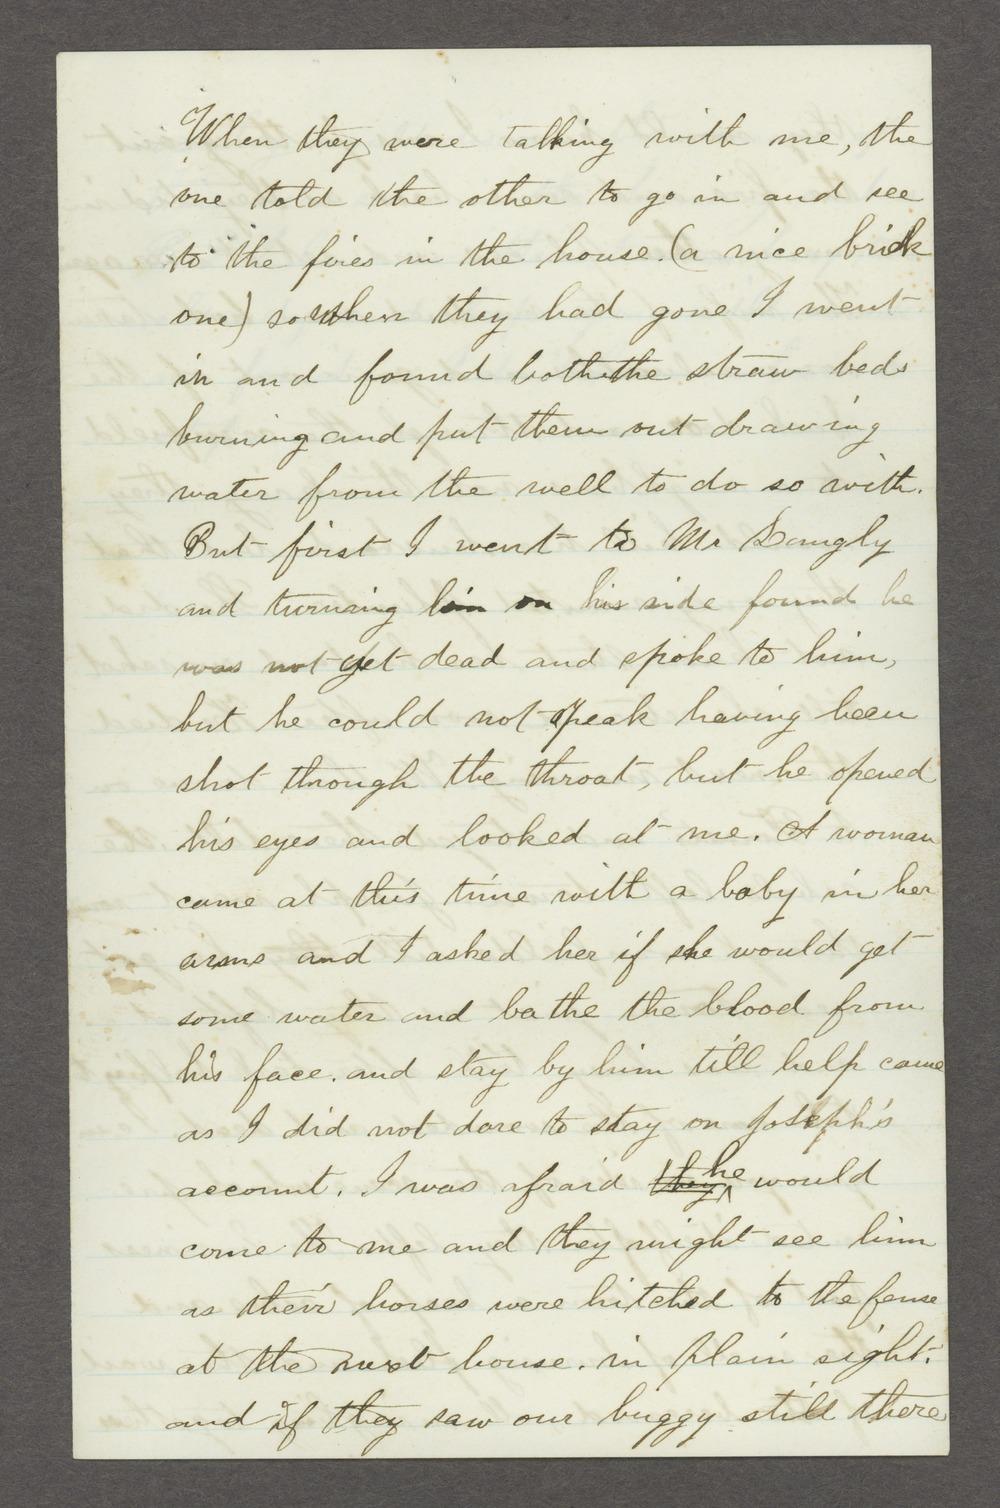 Mary Savage correspondence - 11